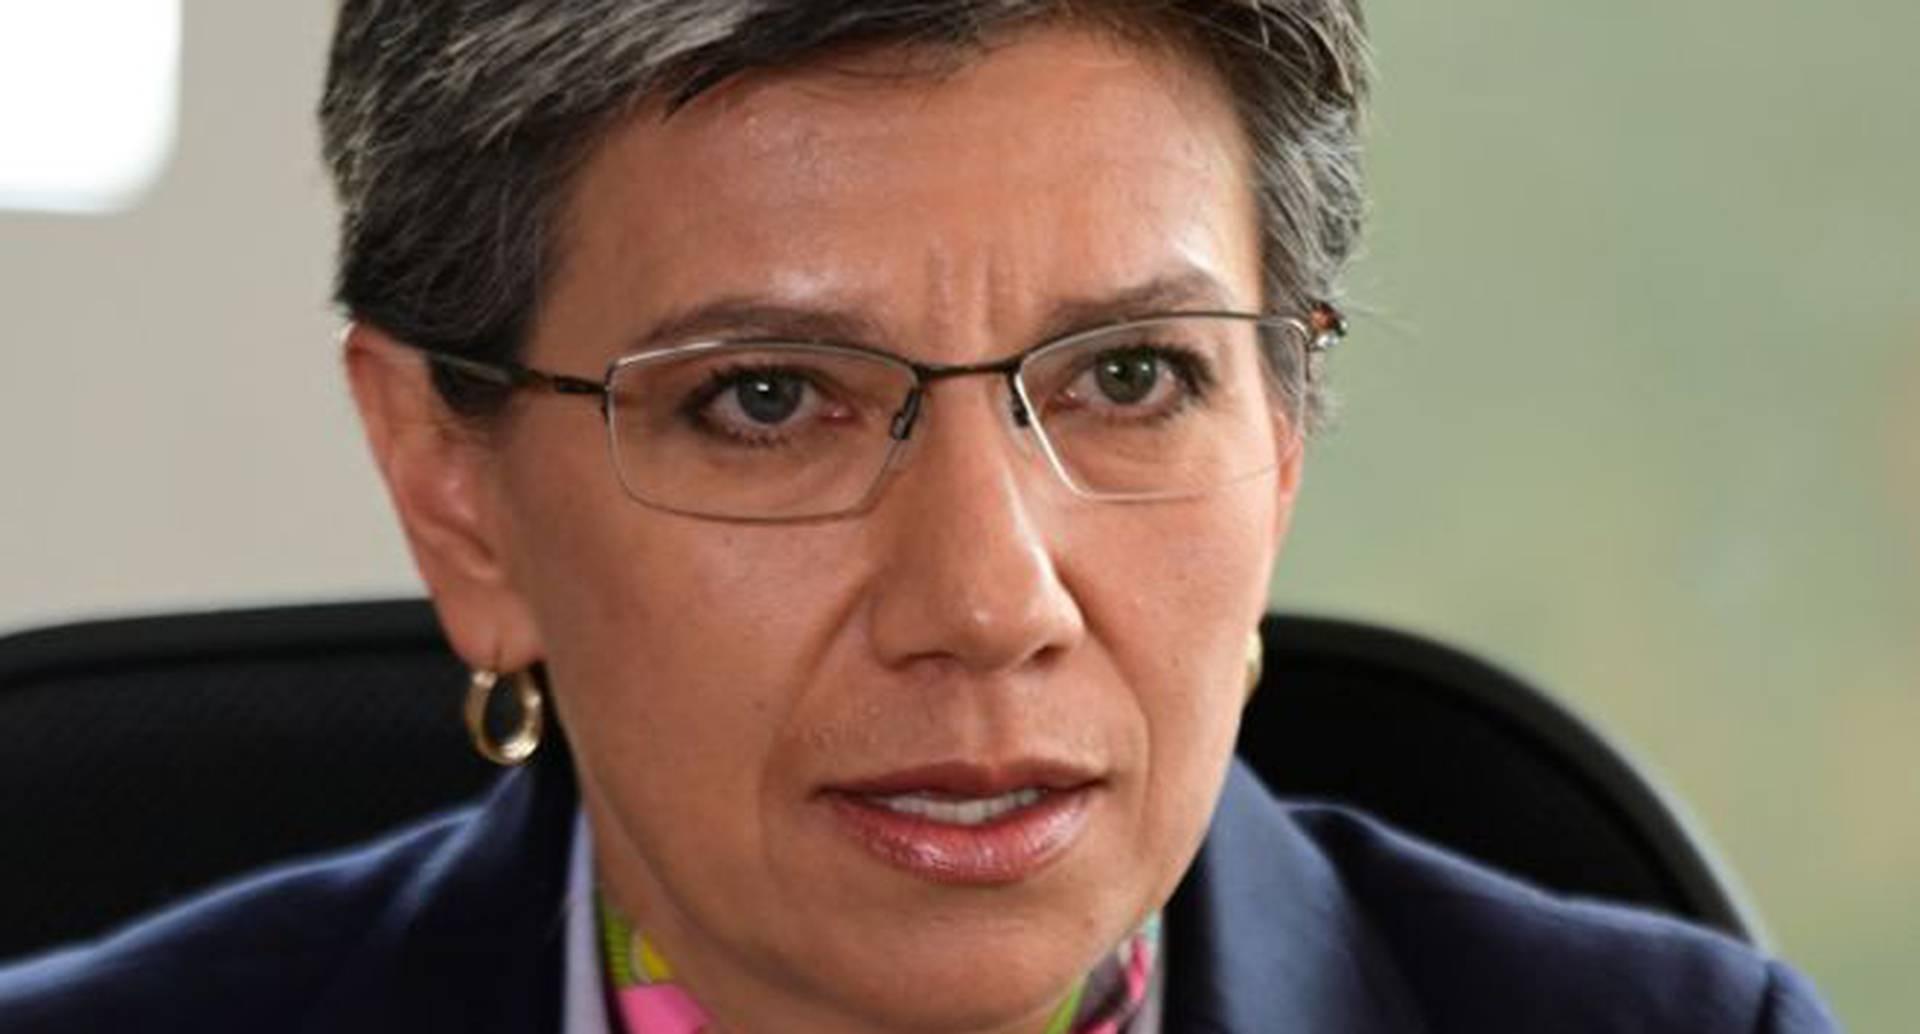 Claudia López tiene un apoyo poco frecuente para alcaldes en Bogotá. Pero la clase política la critica desde izquierda y derecha.